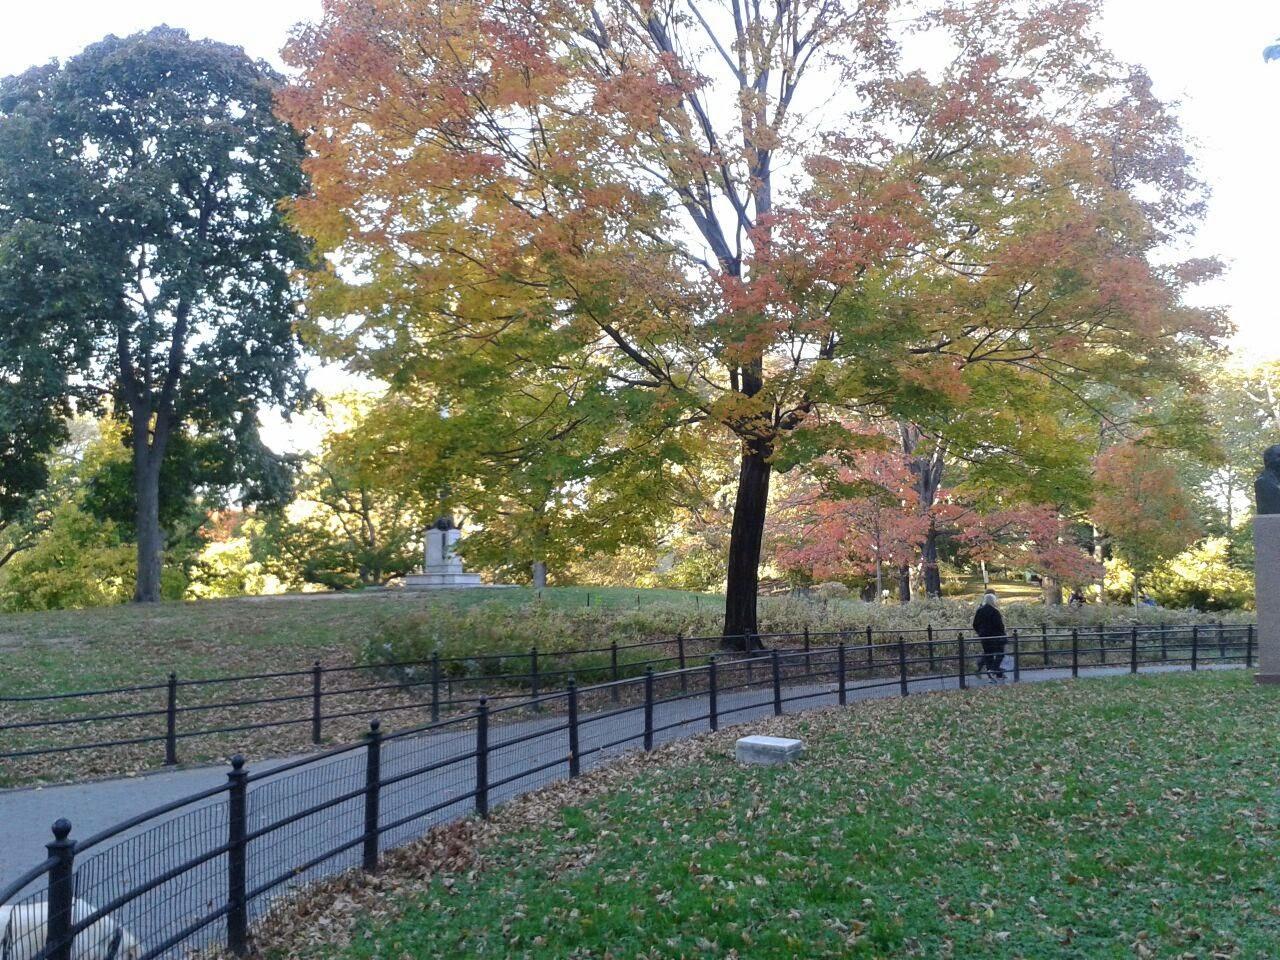 imagen de Árboles en otoño en Central Park,Nueva York